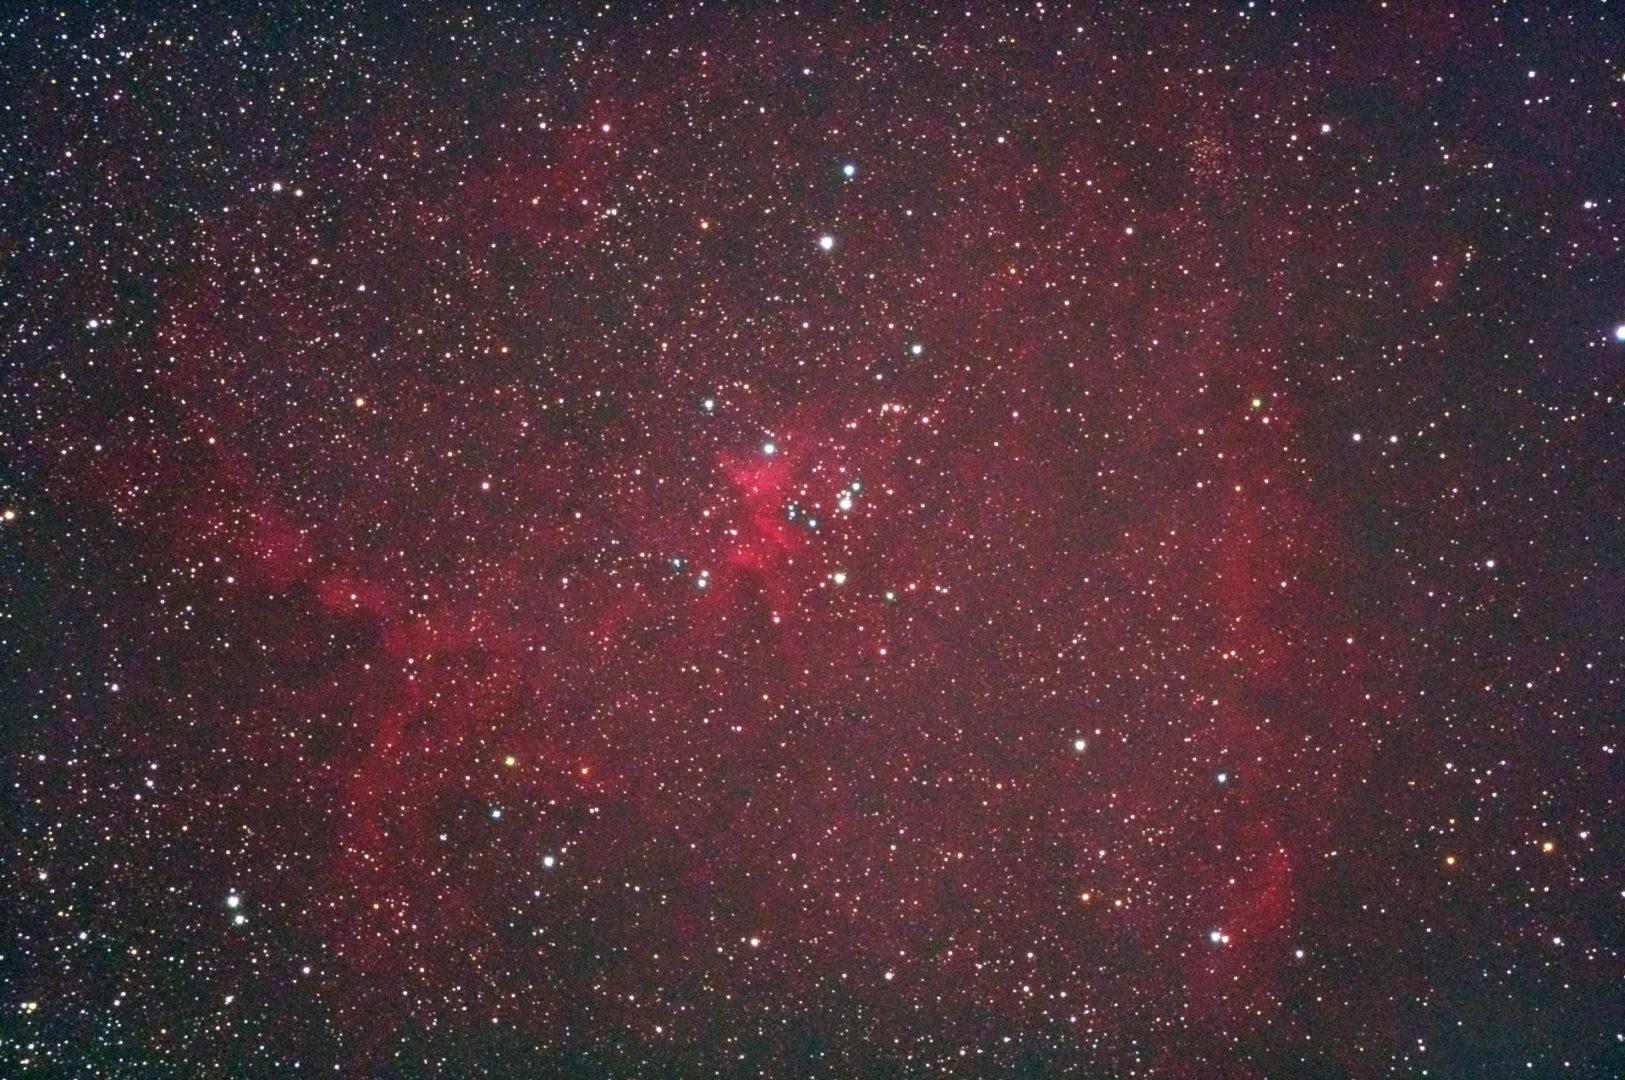 口径15.2cm反射望遠鏡(LXD-55)/F5/PENTAX-KP/ISO25600/カメラダーク/フラットエイドでフラット/露出30秒×14枚を加算平均コンポジットした2017年09月26日02時12分15秒から撮影したIC1805(ハート星雲)